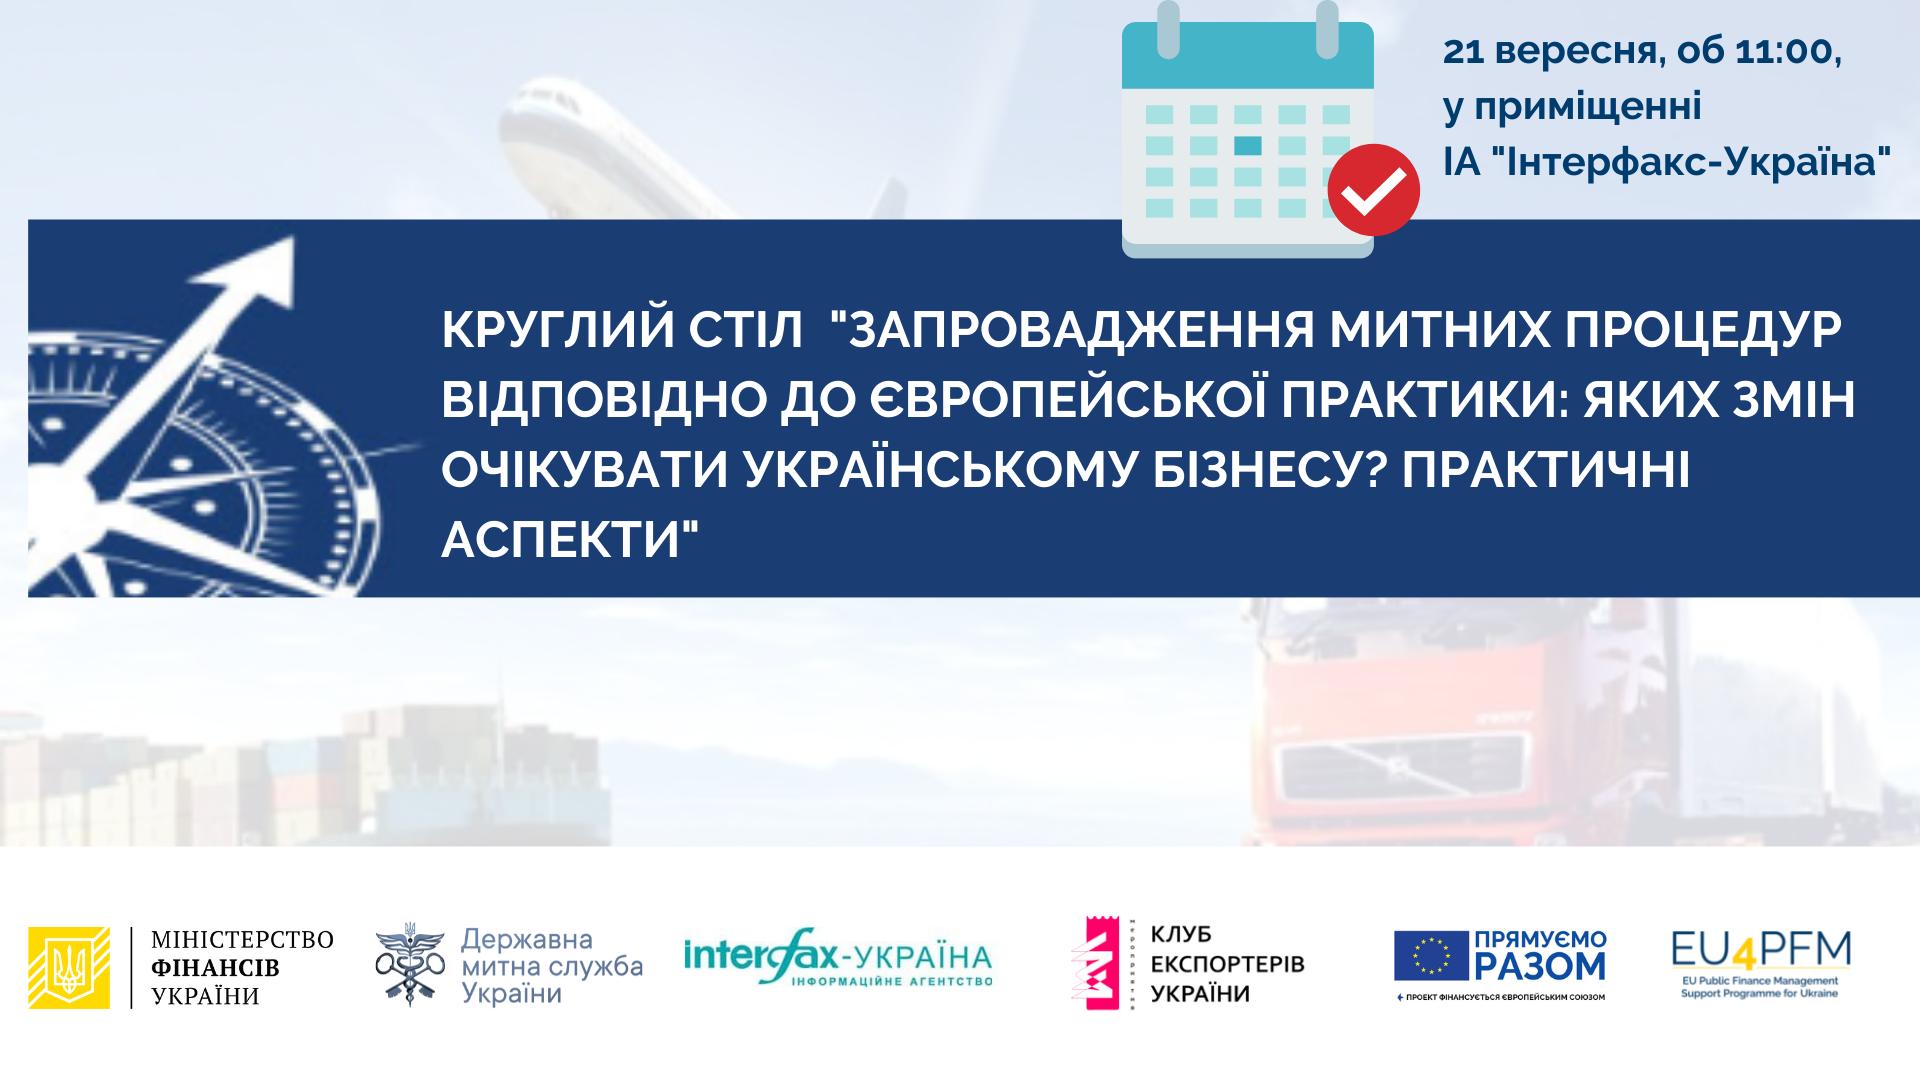 Круглий стіл на тему «Запровадження митних процедур відповідно до європейської практики: яких змін очікувати українському бізнесу? Практичні аспекти»